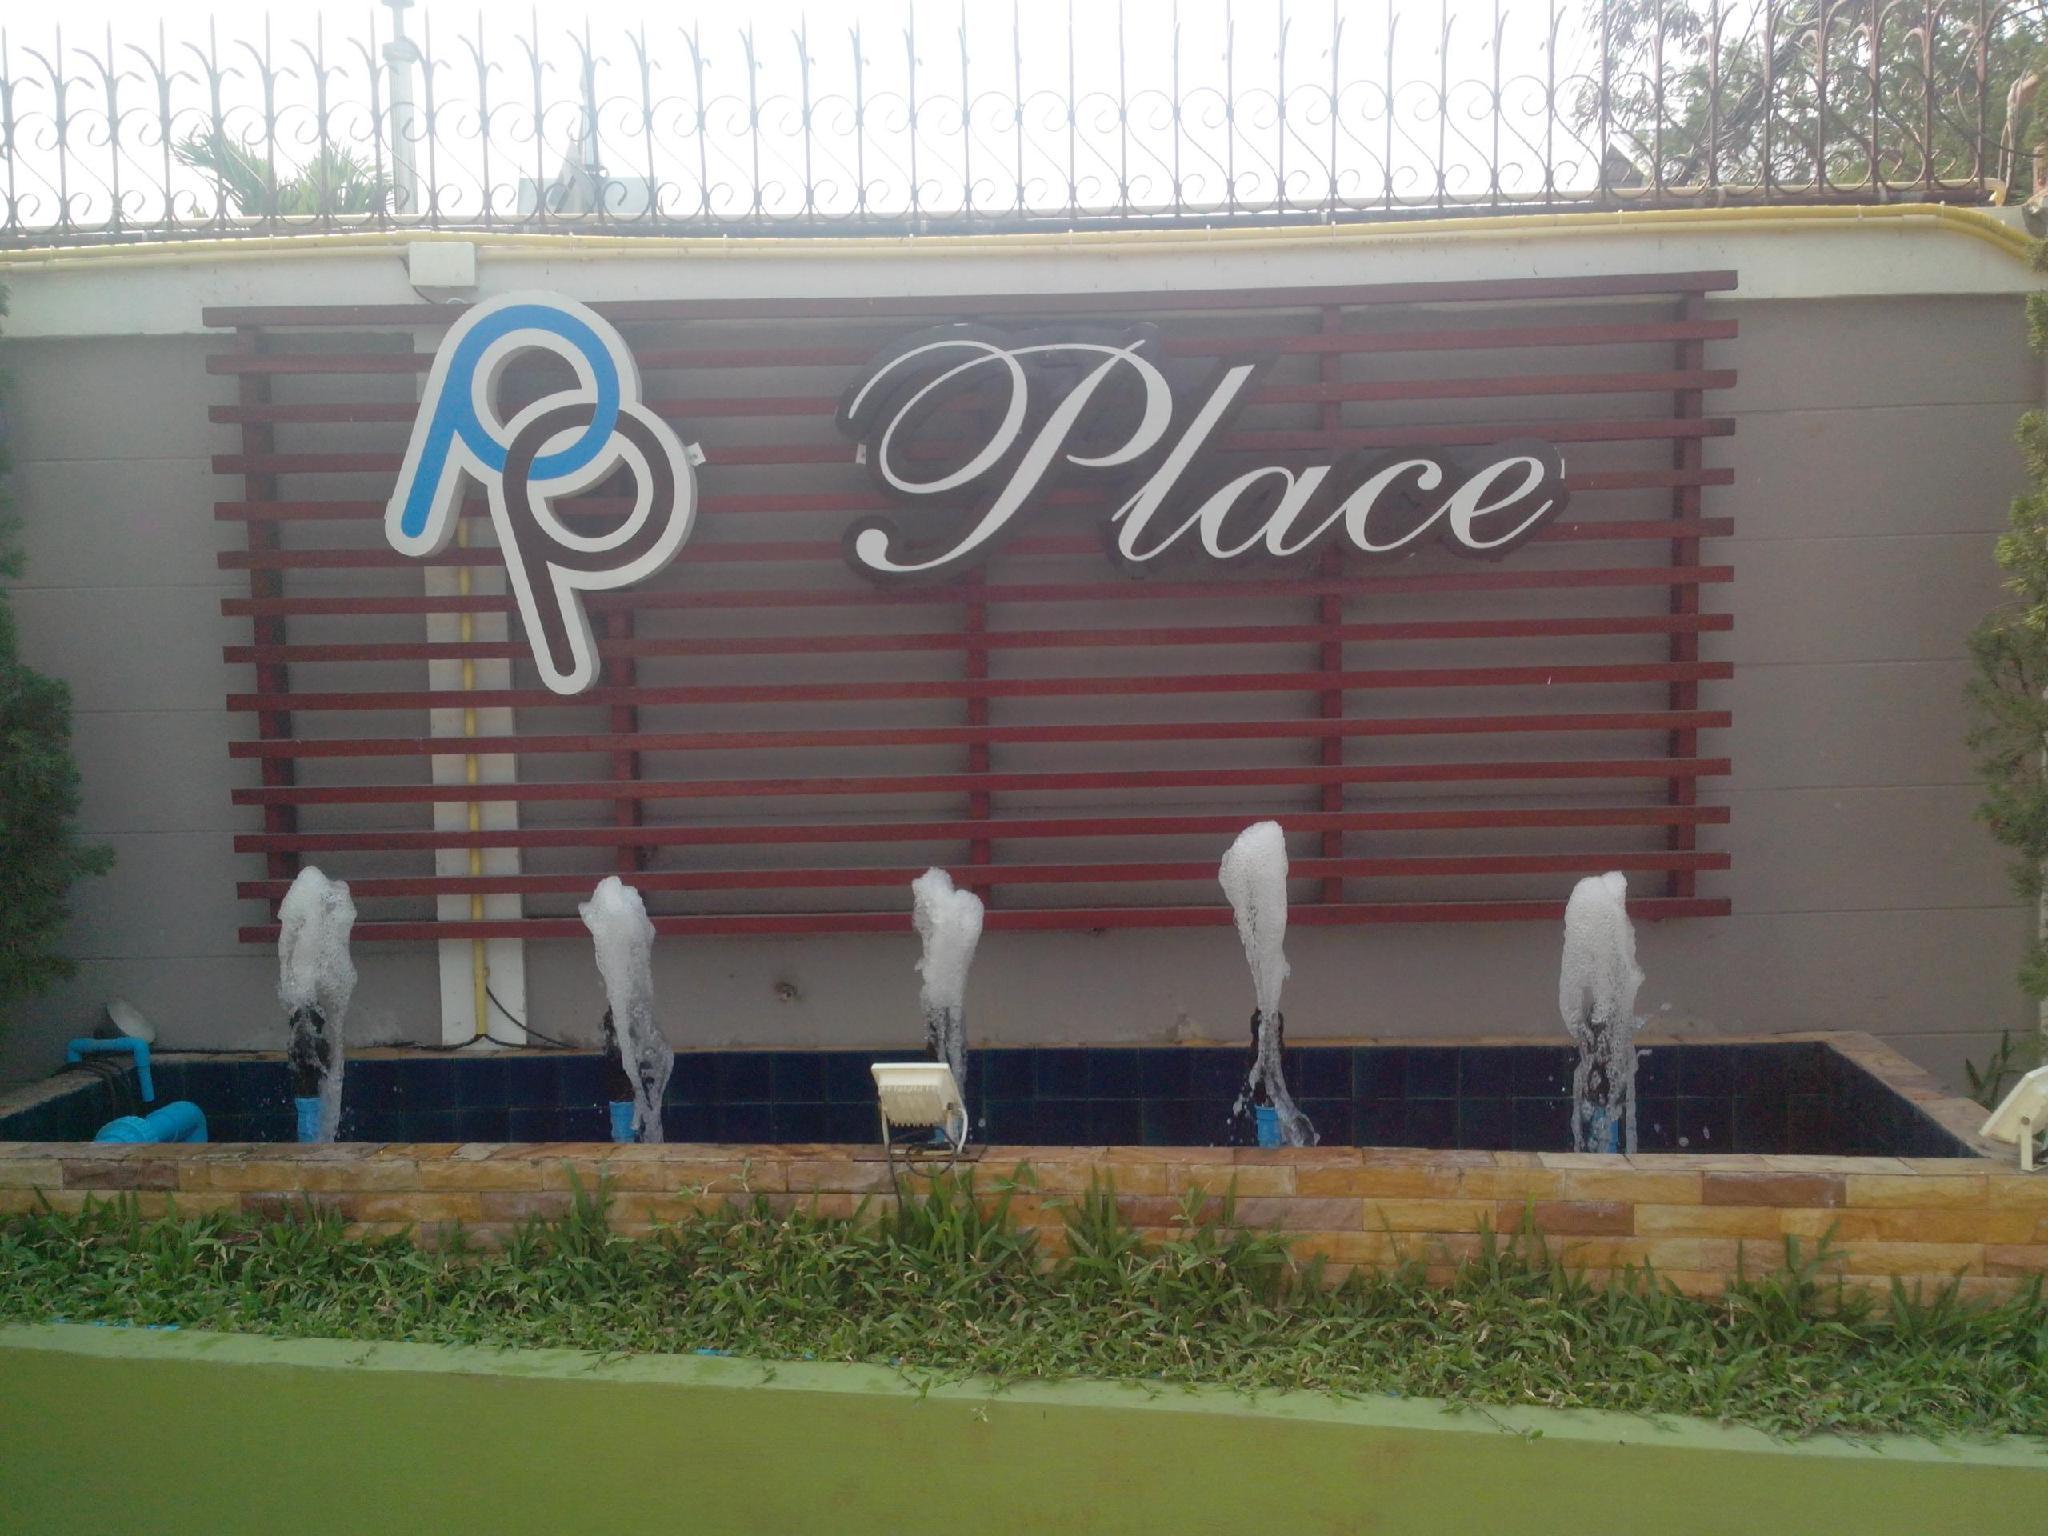 P.P. Place